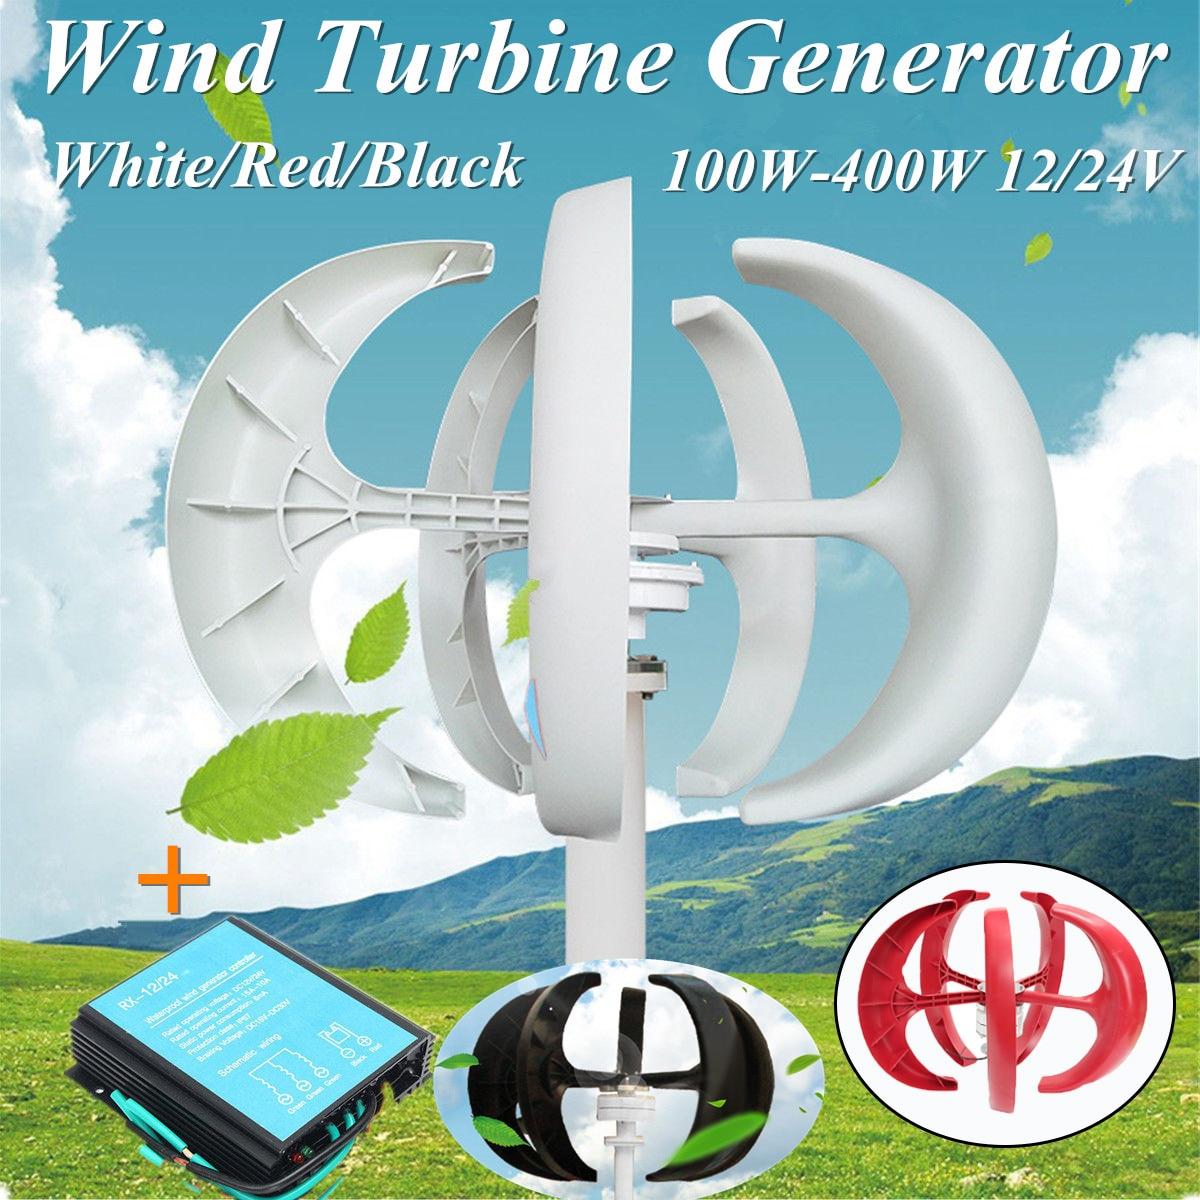 100 W/200 W/300 W/400 W linterna generador de turbina de viento DC 12 V/24 V energía eólica generador de imán permanente 600 W energía eólica controlador